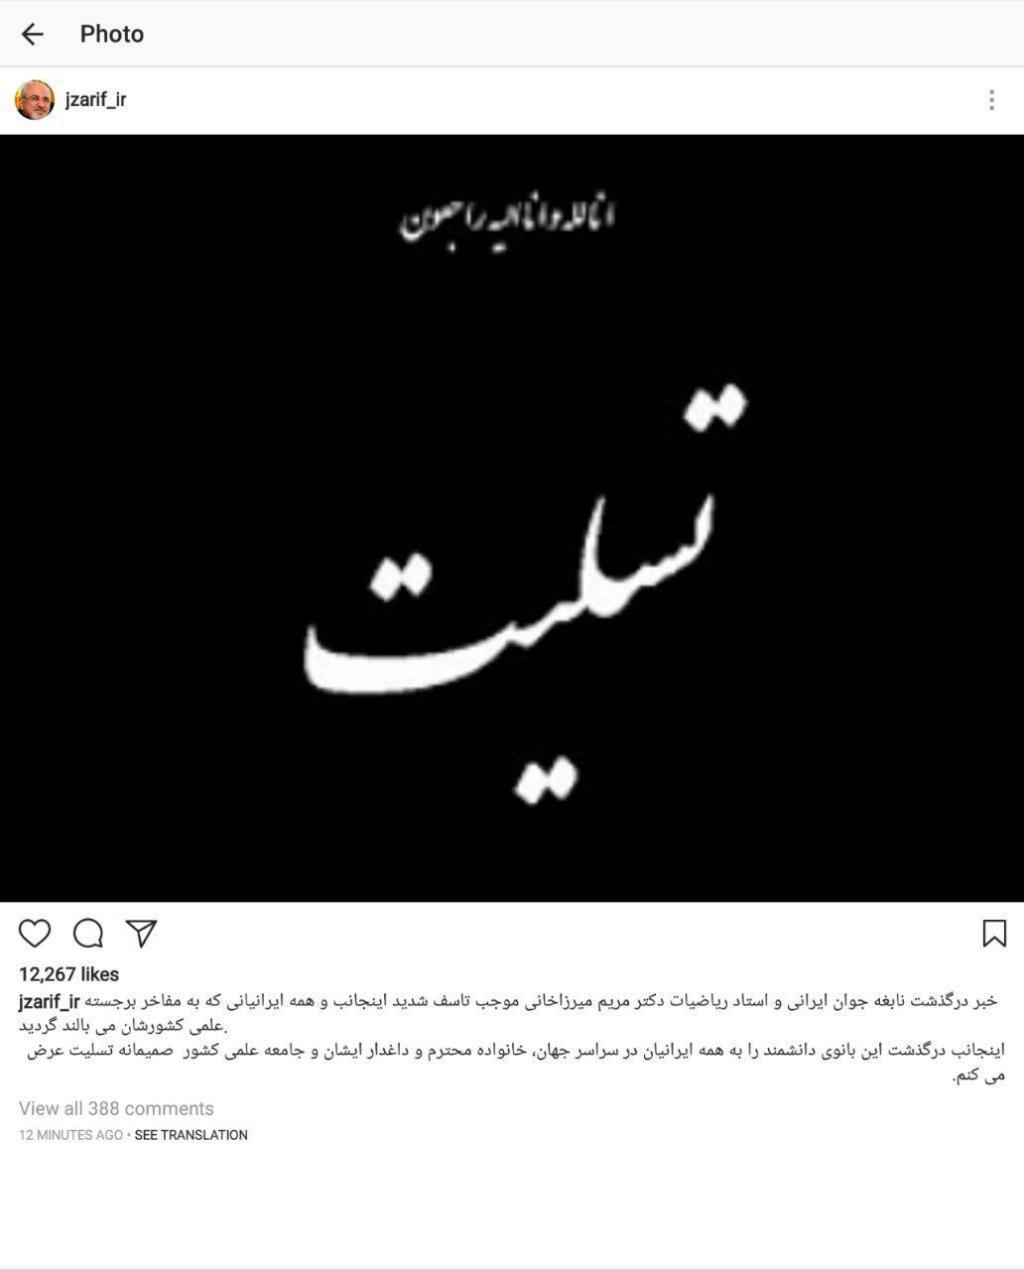 کمک مریم میرزاخانی به دانشجویان ایرانی + پیام تسلیت جواد ظریف